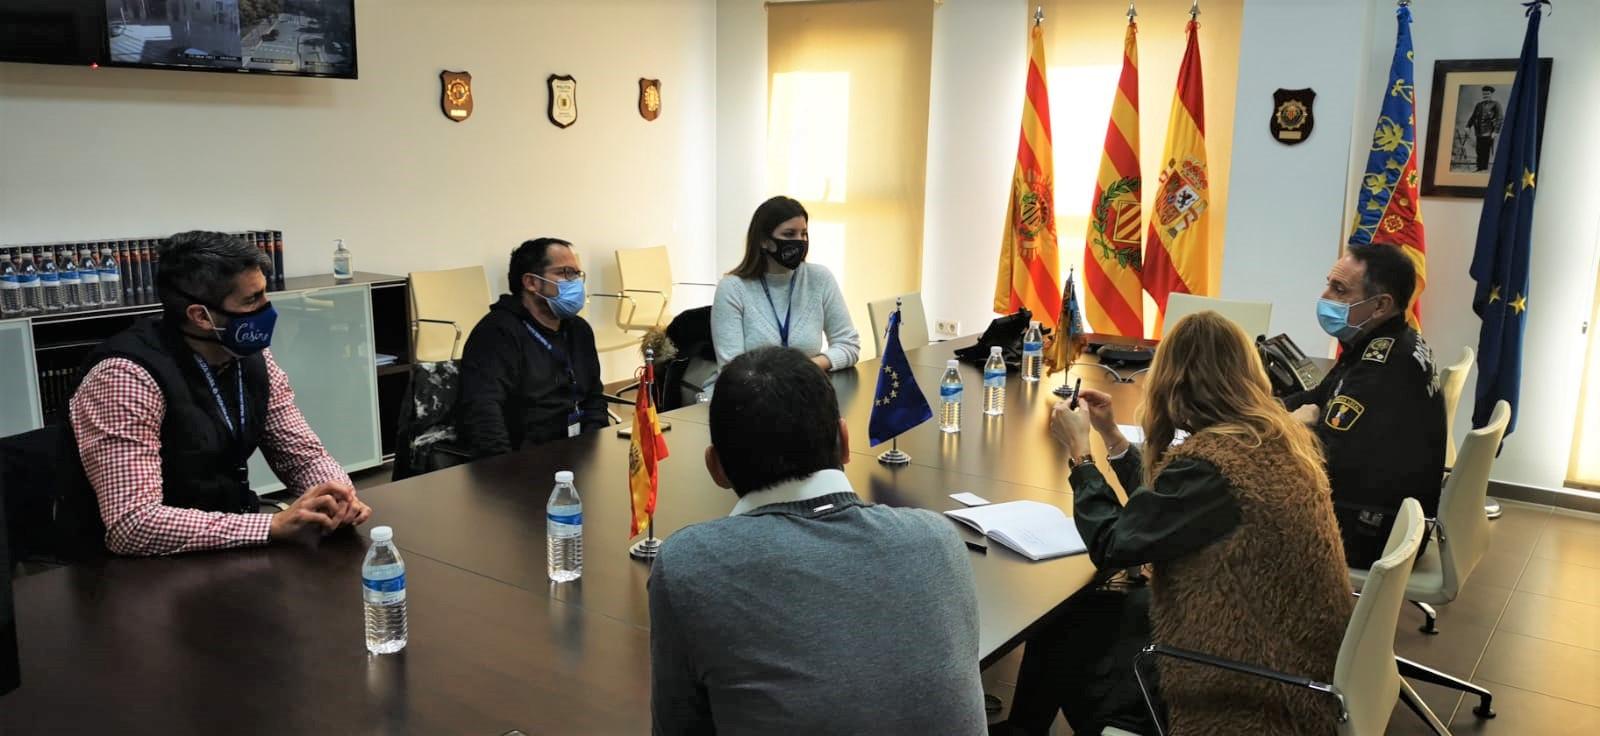 Vila-real desplegará una campaña preventiva en la hostelería para informar de las medidas anticovid vigentes